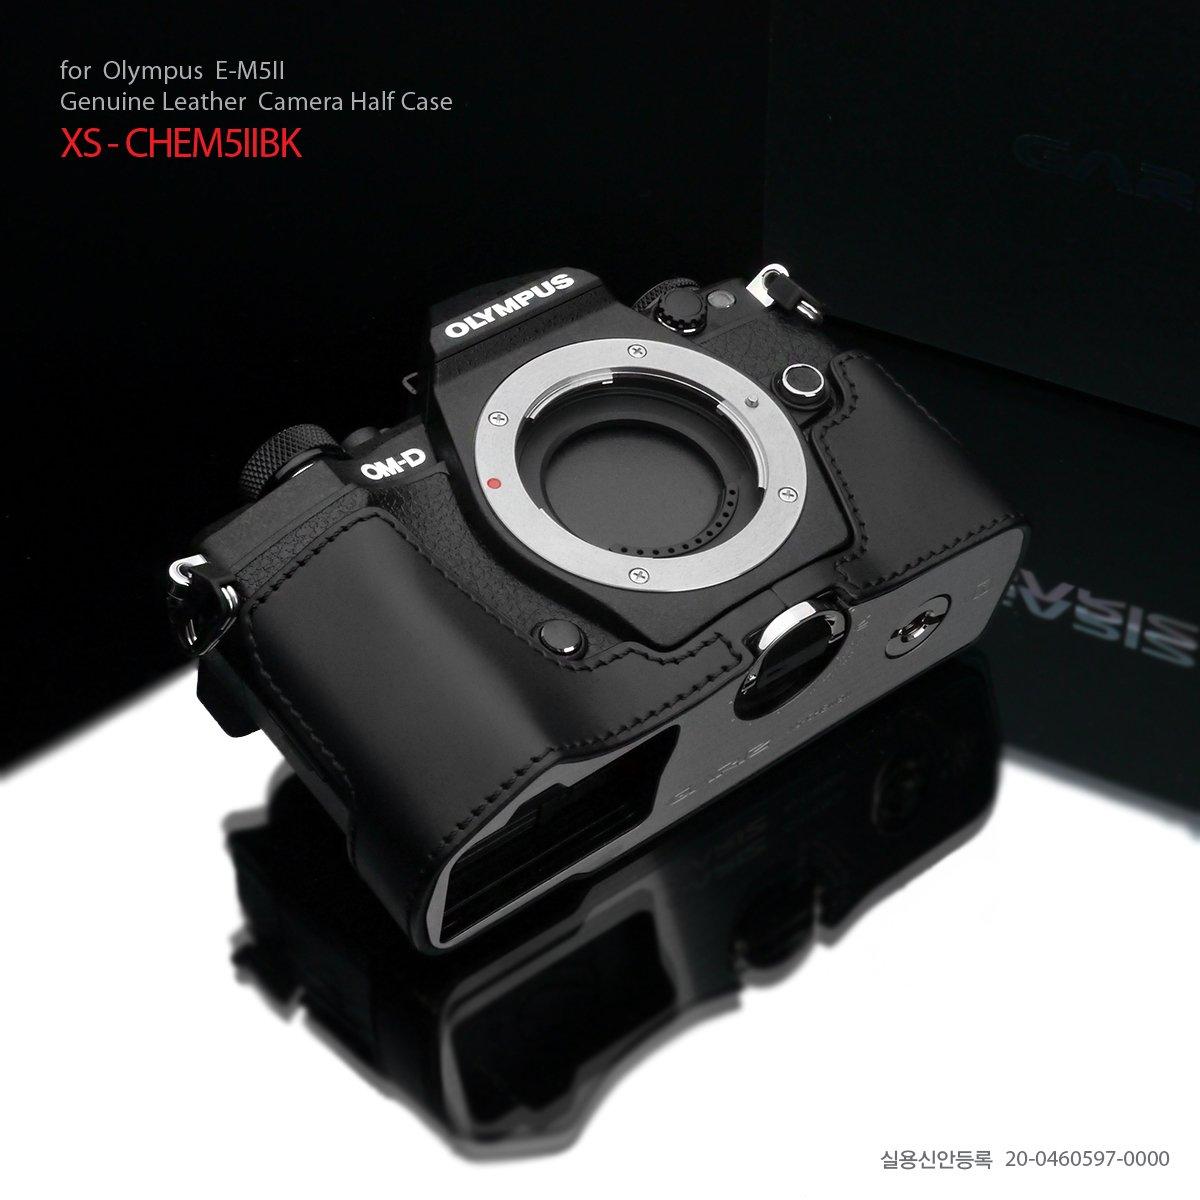 オリンパス GARIZ/ゲリズ OLYMPUS OM-D E-M5 MarkII用 本革 カメラケース デジタル一眼カメラケース (ブラック) [並行輸入品]  ブラック B00W6NZZ7M